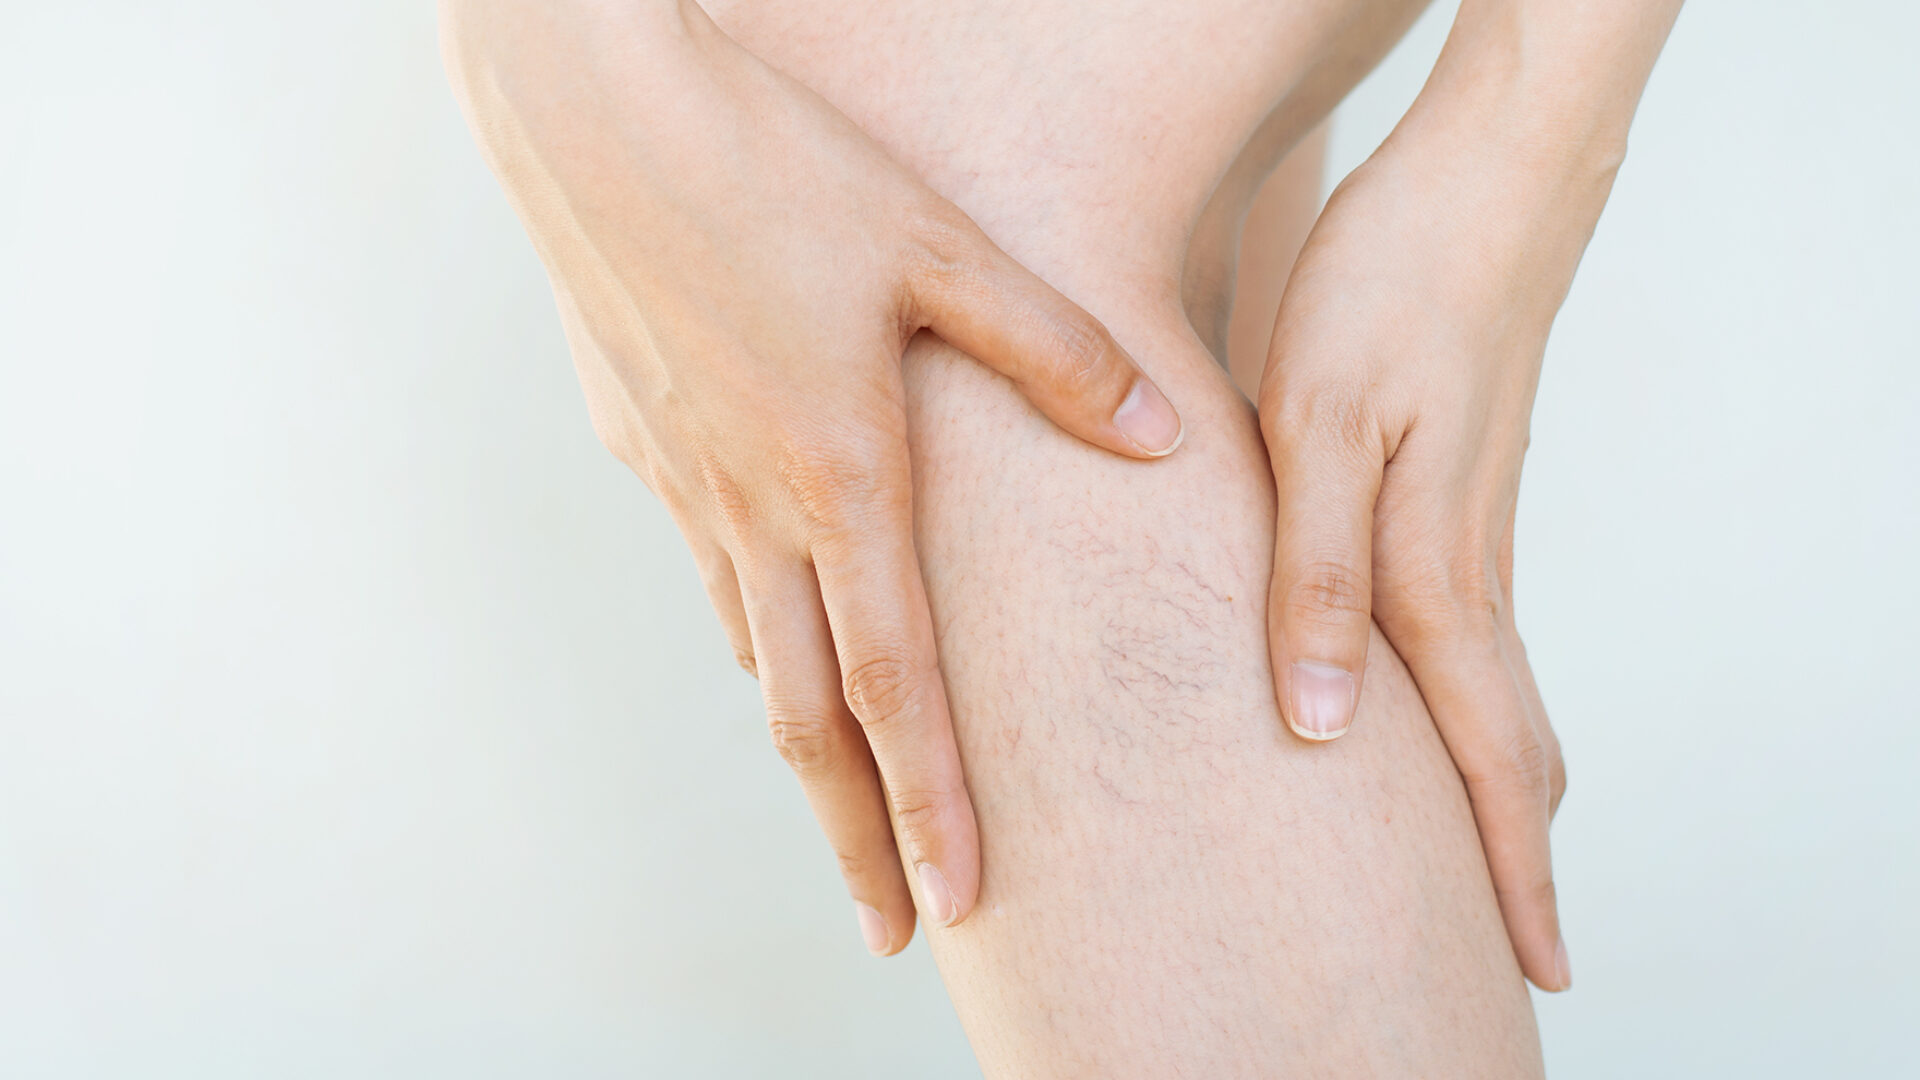 Frau mit Stauungsekzemen am Bein.